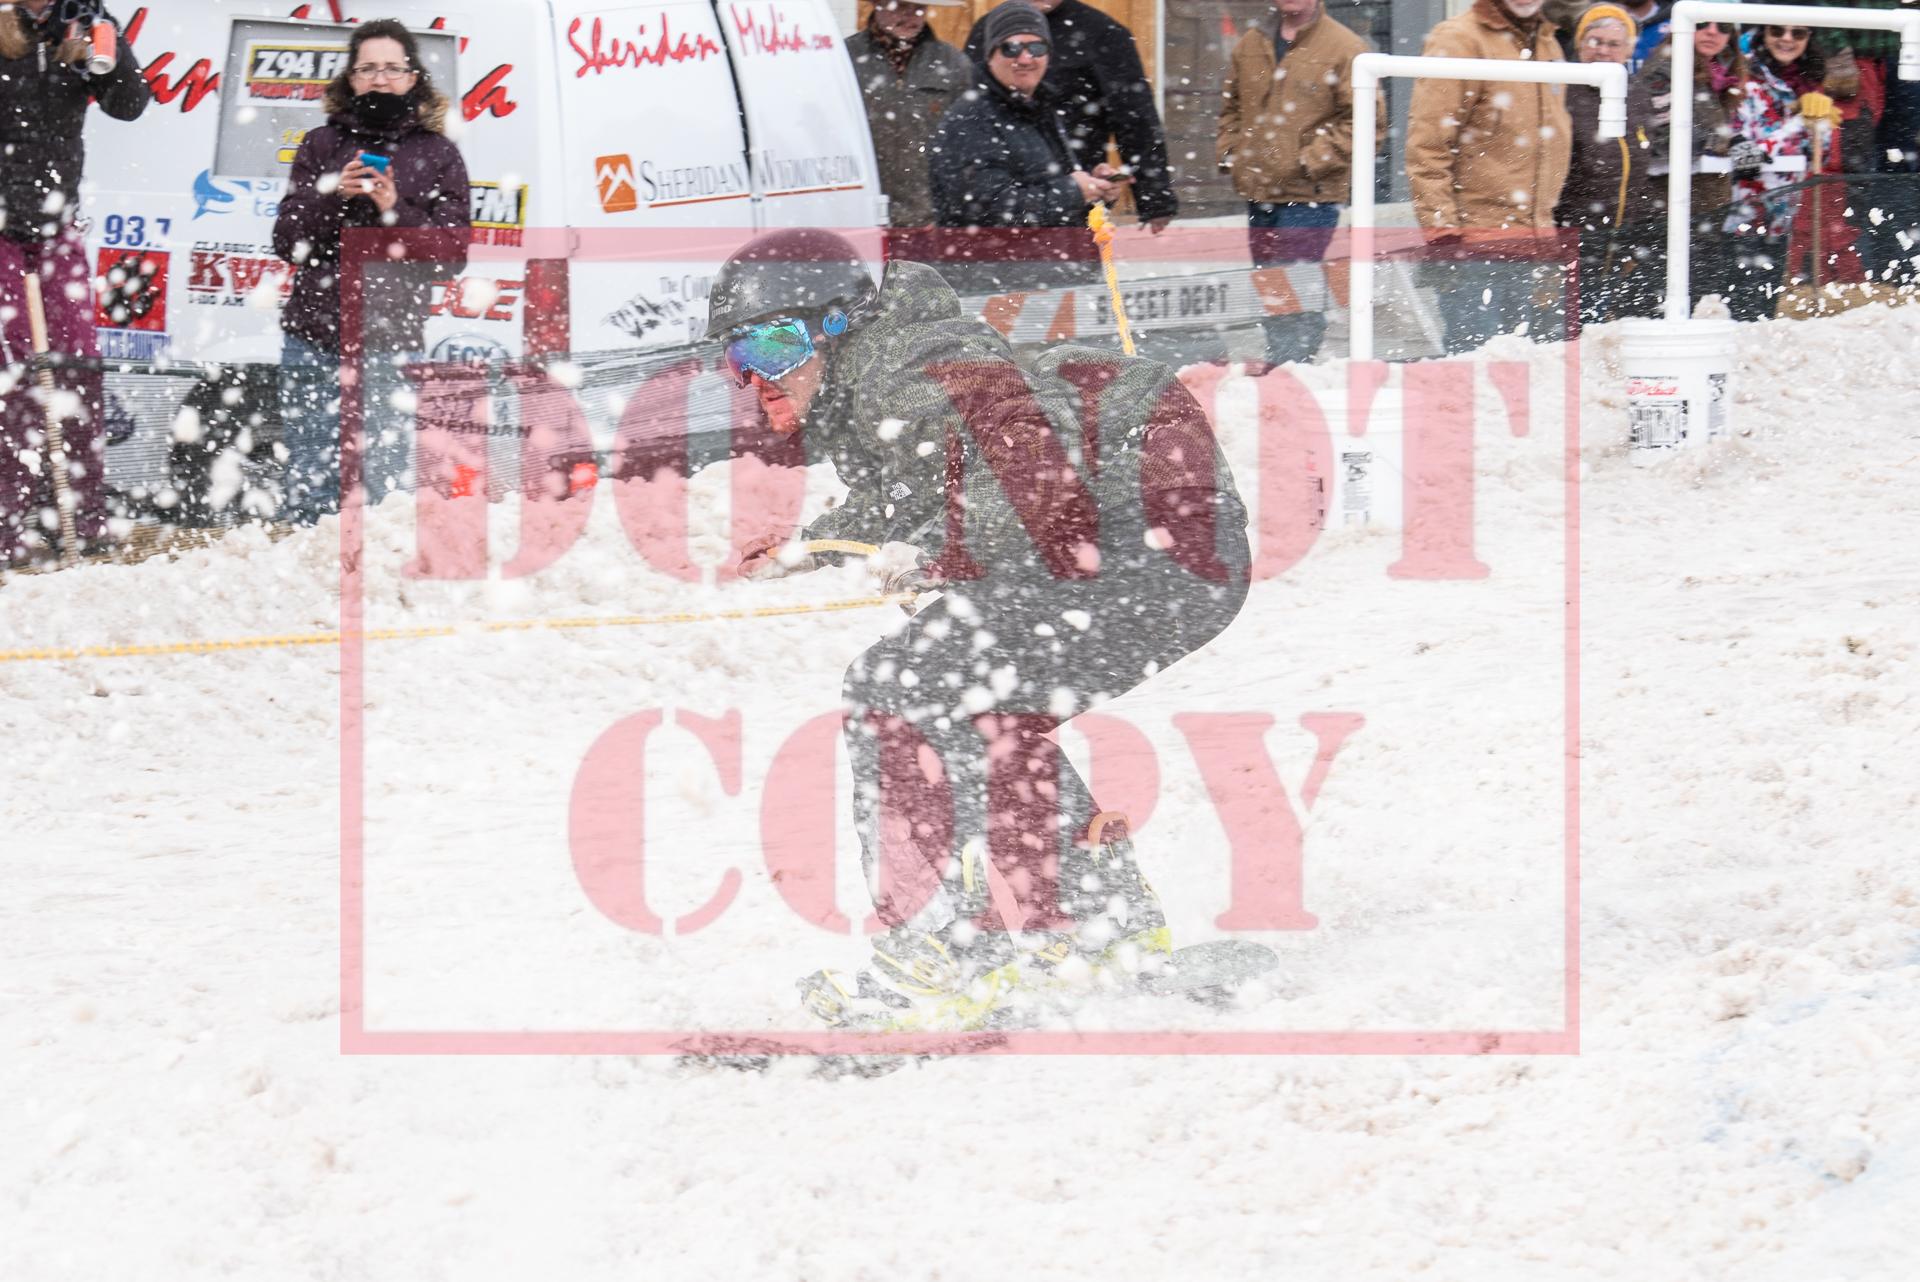 - Zane Huntley - Snowboard 7